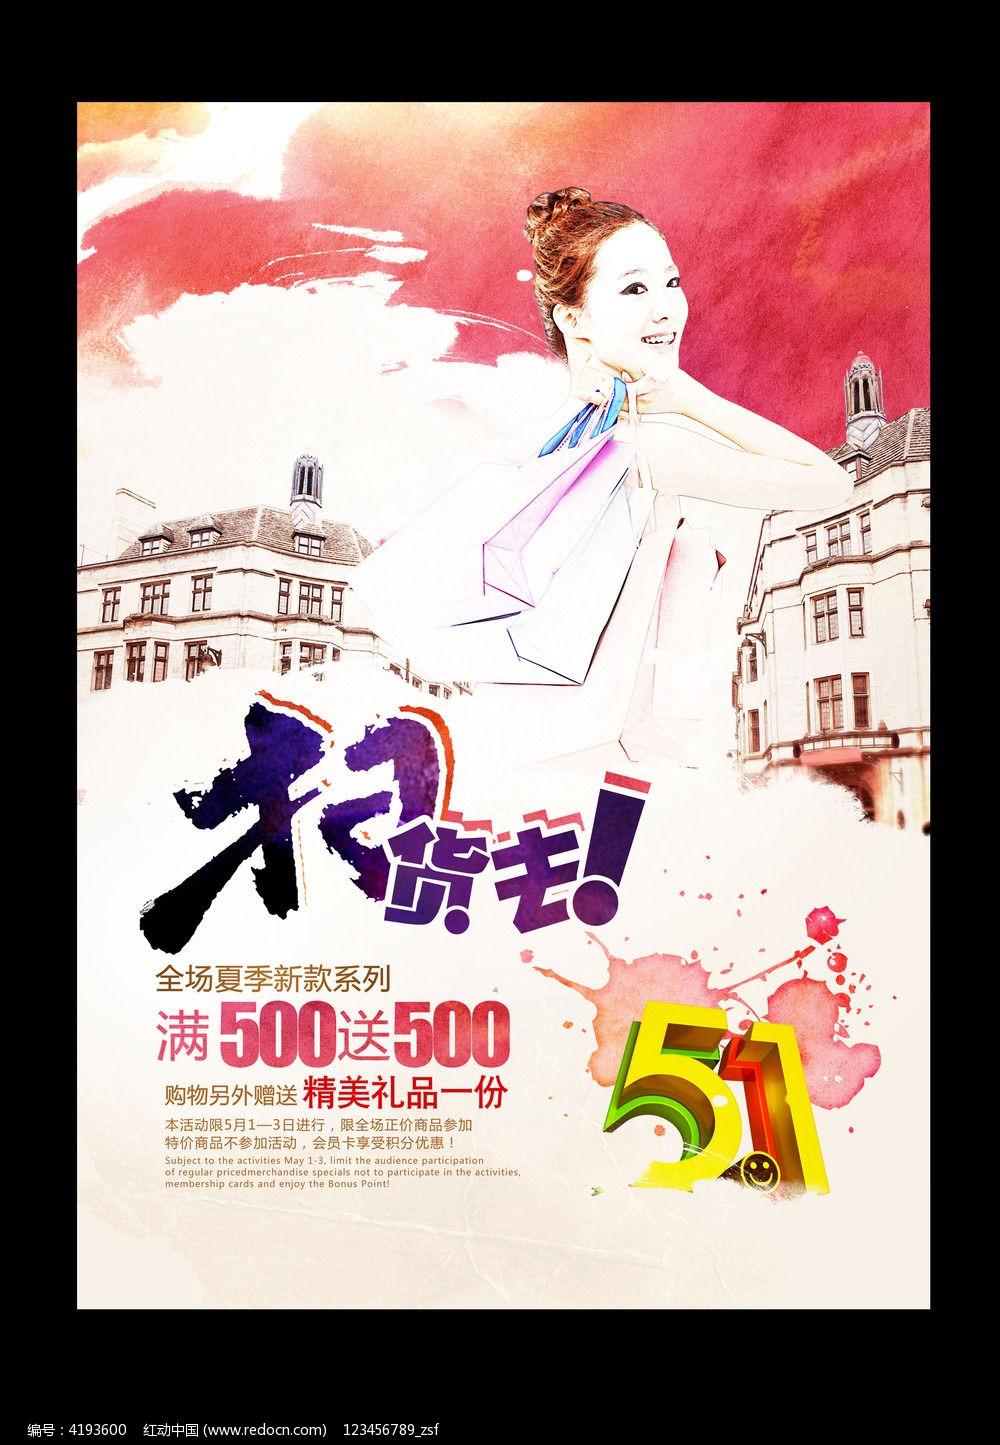 51劳动节商场活动海报设计